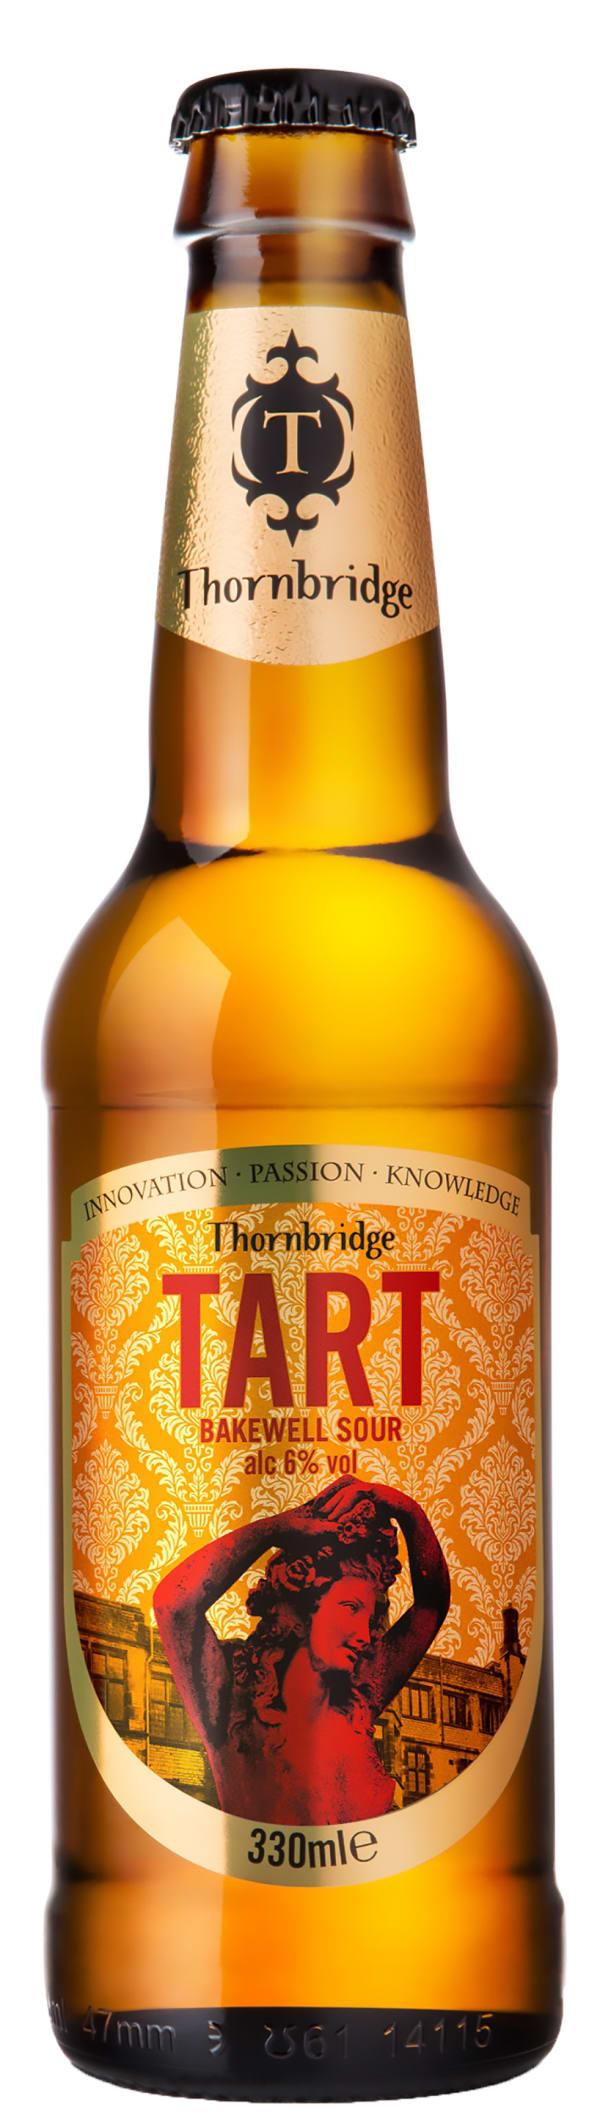 Thornbridge Tart Bakewell Sour